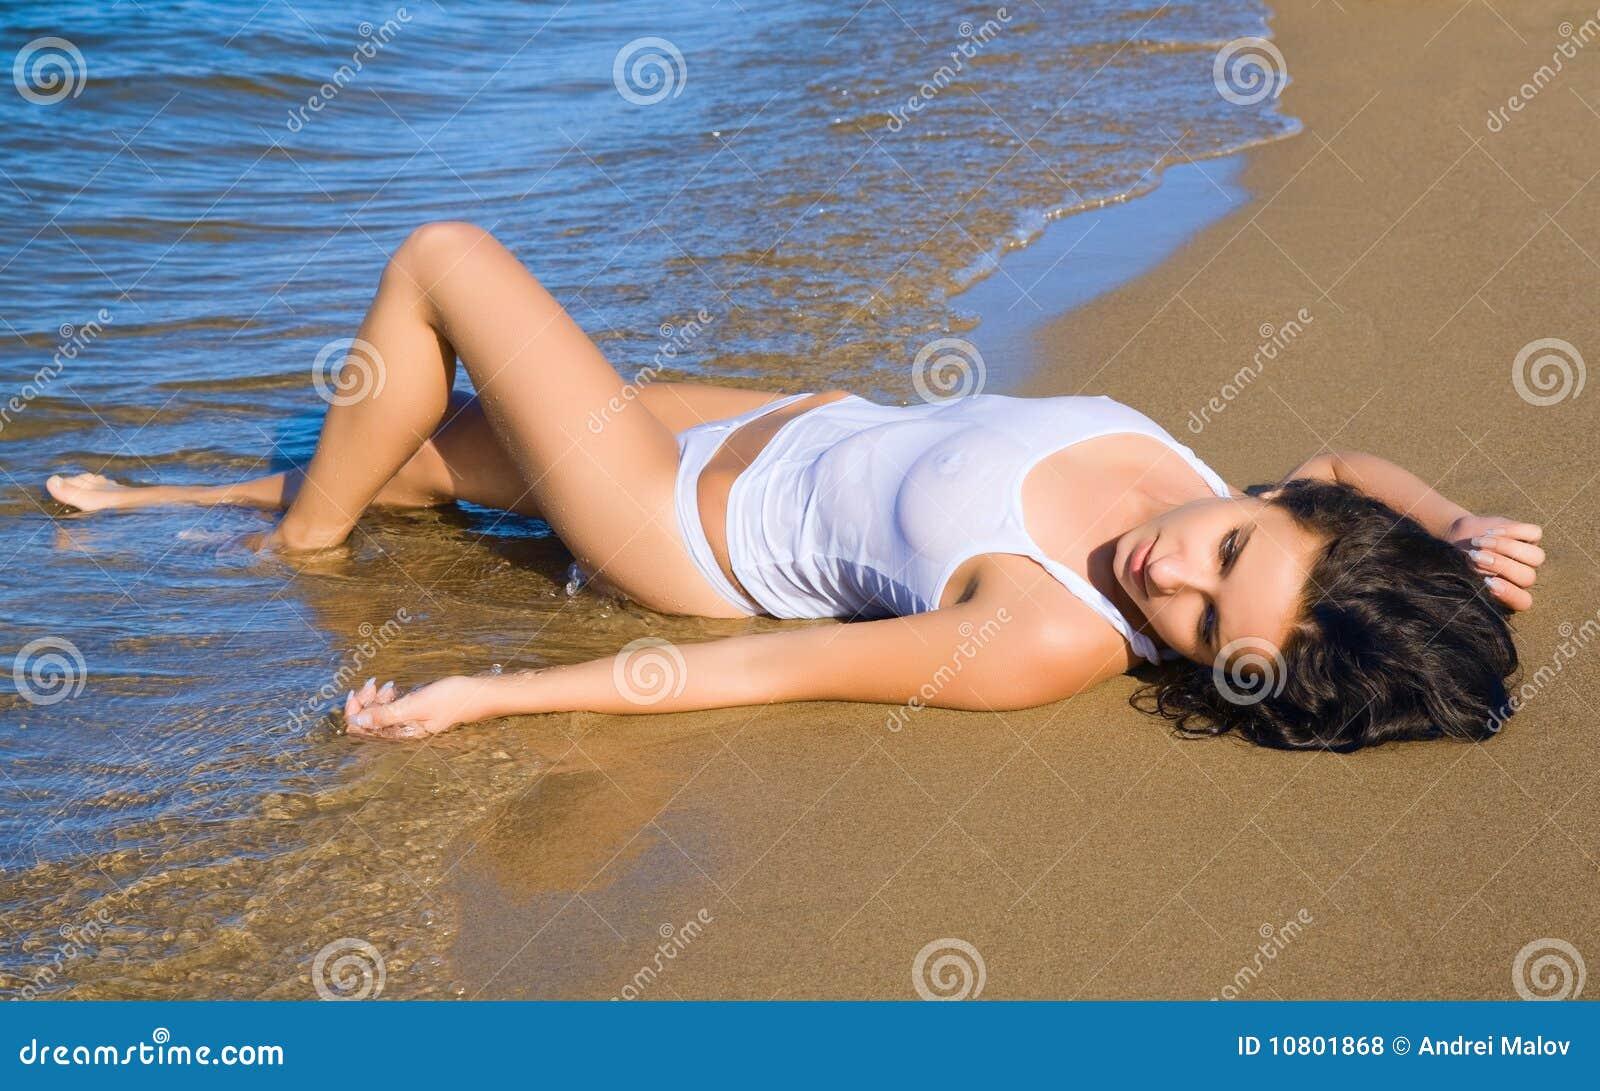 Young lying woman in bikini